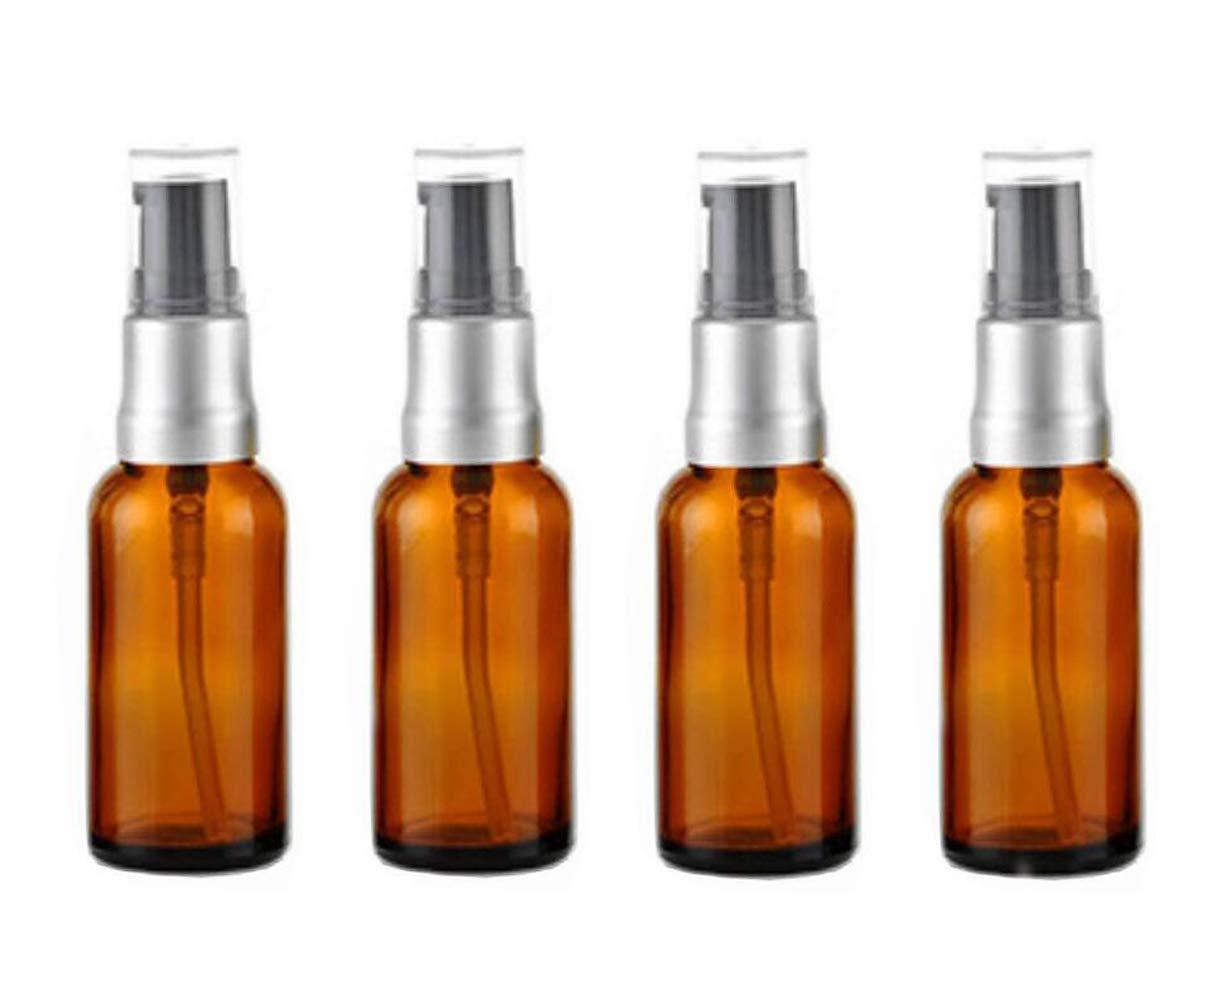 4 botellas de cristal vacías de 15 ml para botellas de loción, cristal ámbar, botes de maquillaje, limpiadores faciales, tóner líquido, contenedores de viaje, dispensador de aceite esencial de emulsión Ericotry